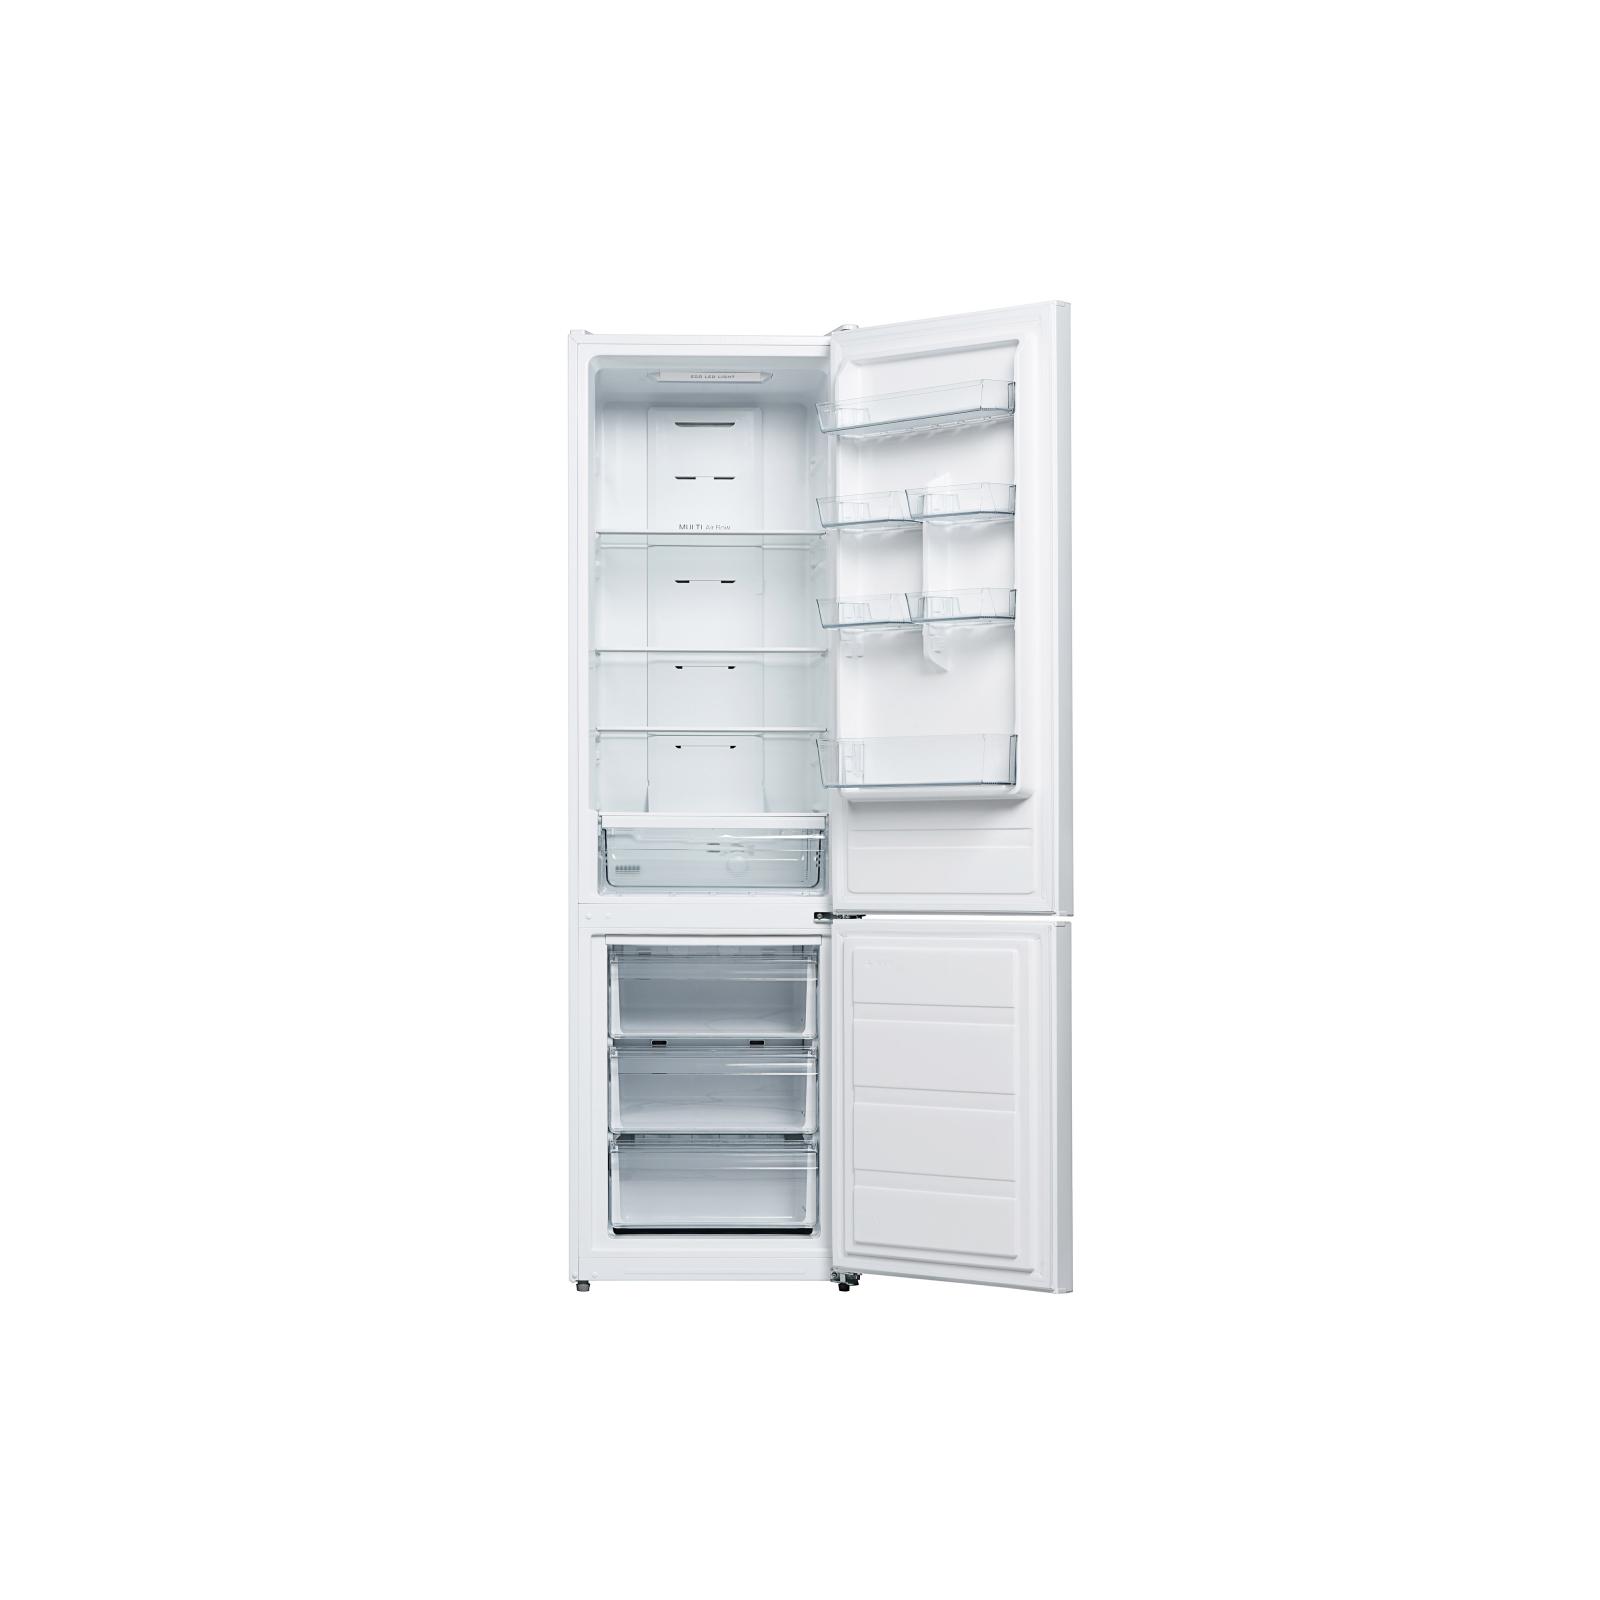 Холодильник Ardesto DNF-M326W200 зображення 2